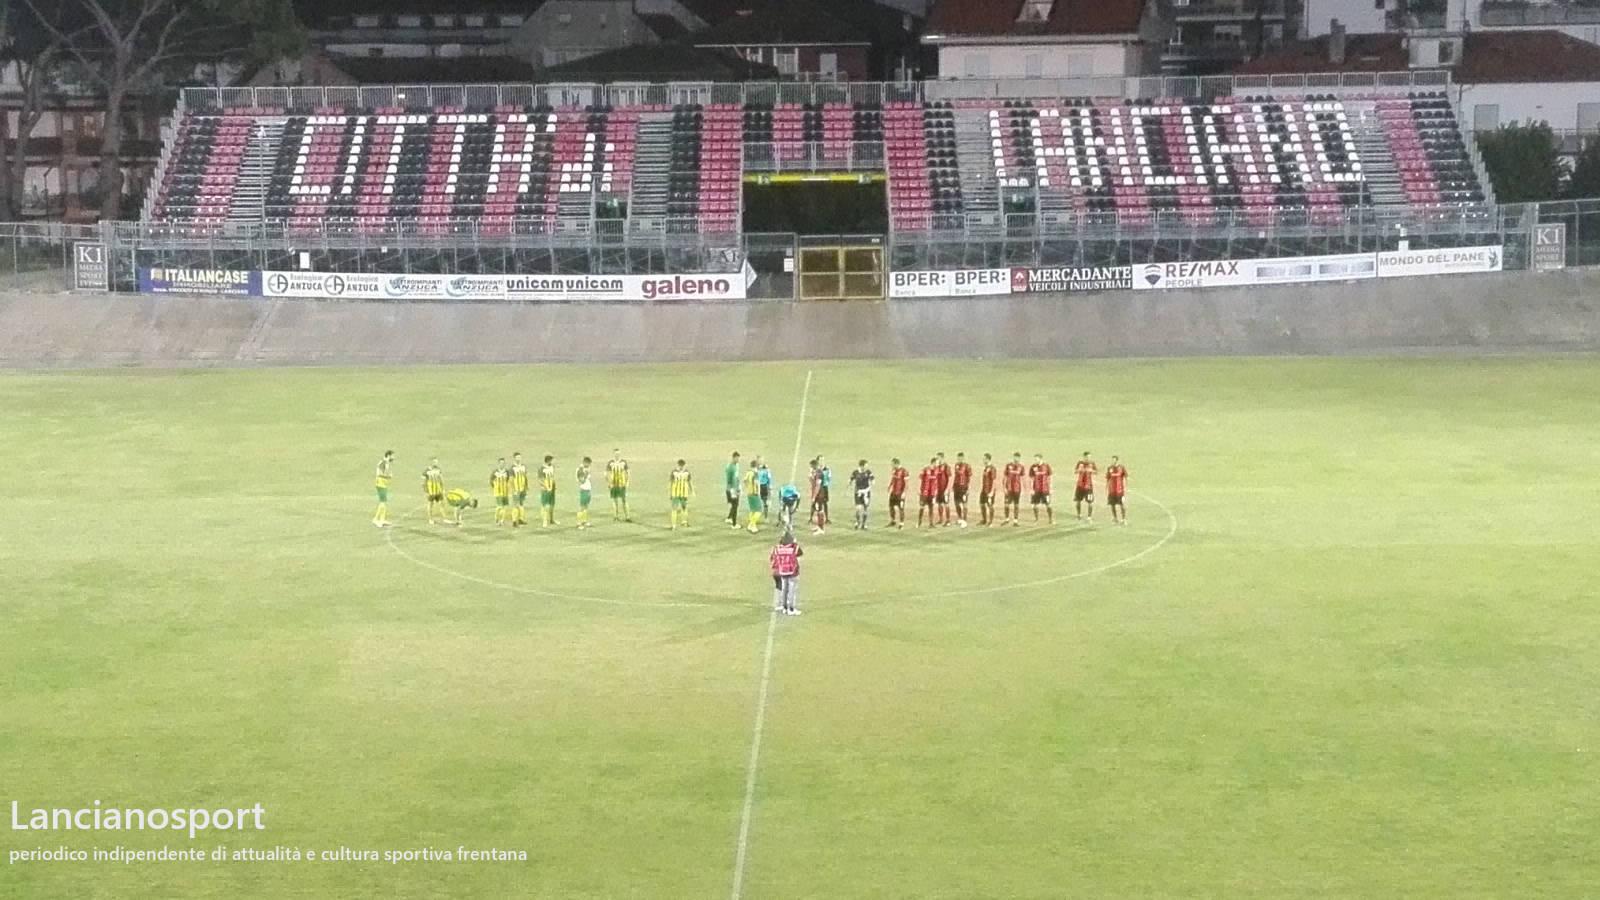 Coppa Italia: il Lanciano mette al sicuro il passaggio del turno con sei gol all'Ortona